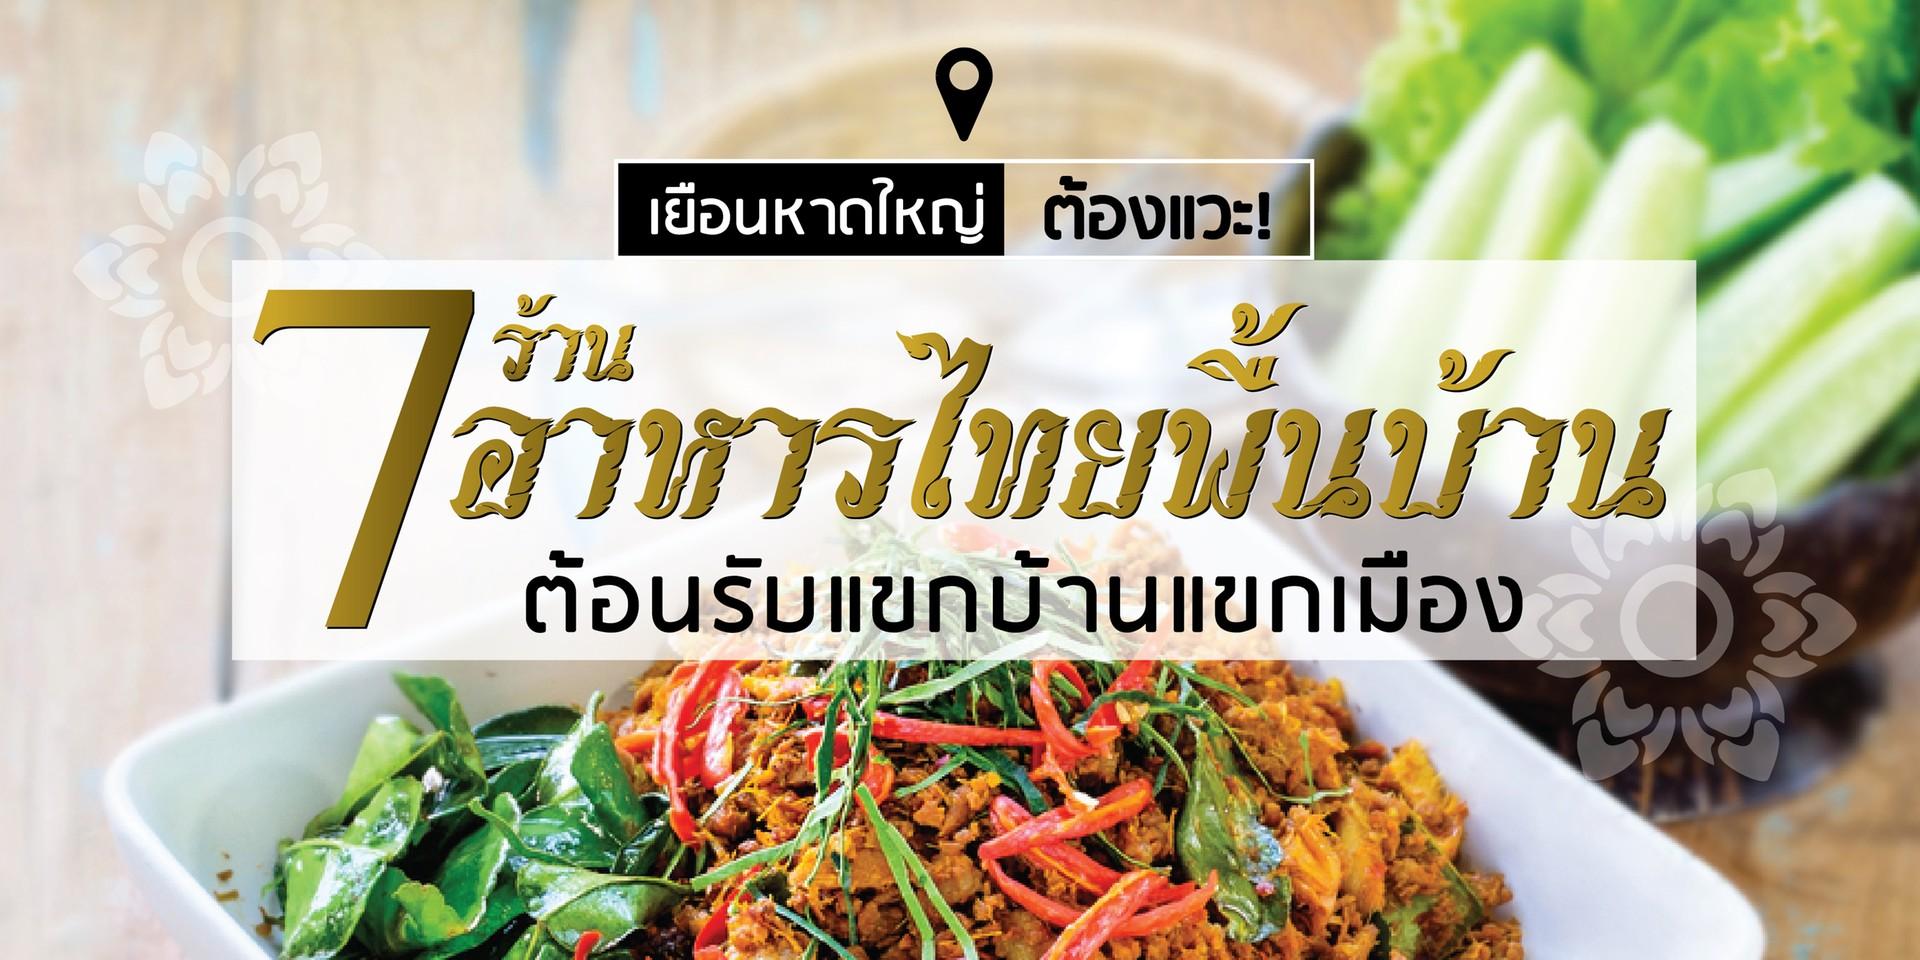 เยือนหาดใหญ่ต้องแวะ!  7ร้านอาหารไทยพื้นบ้าน ต้อนรับแขกบ้านแขกเมือง